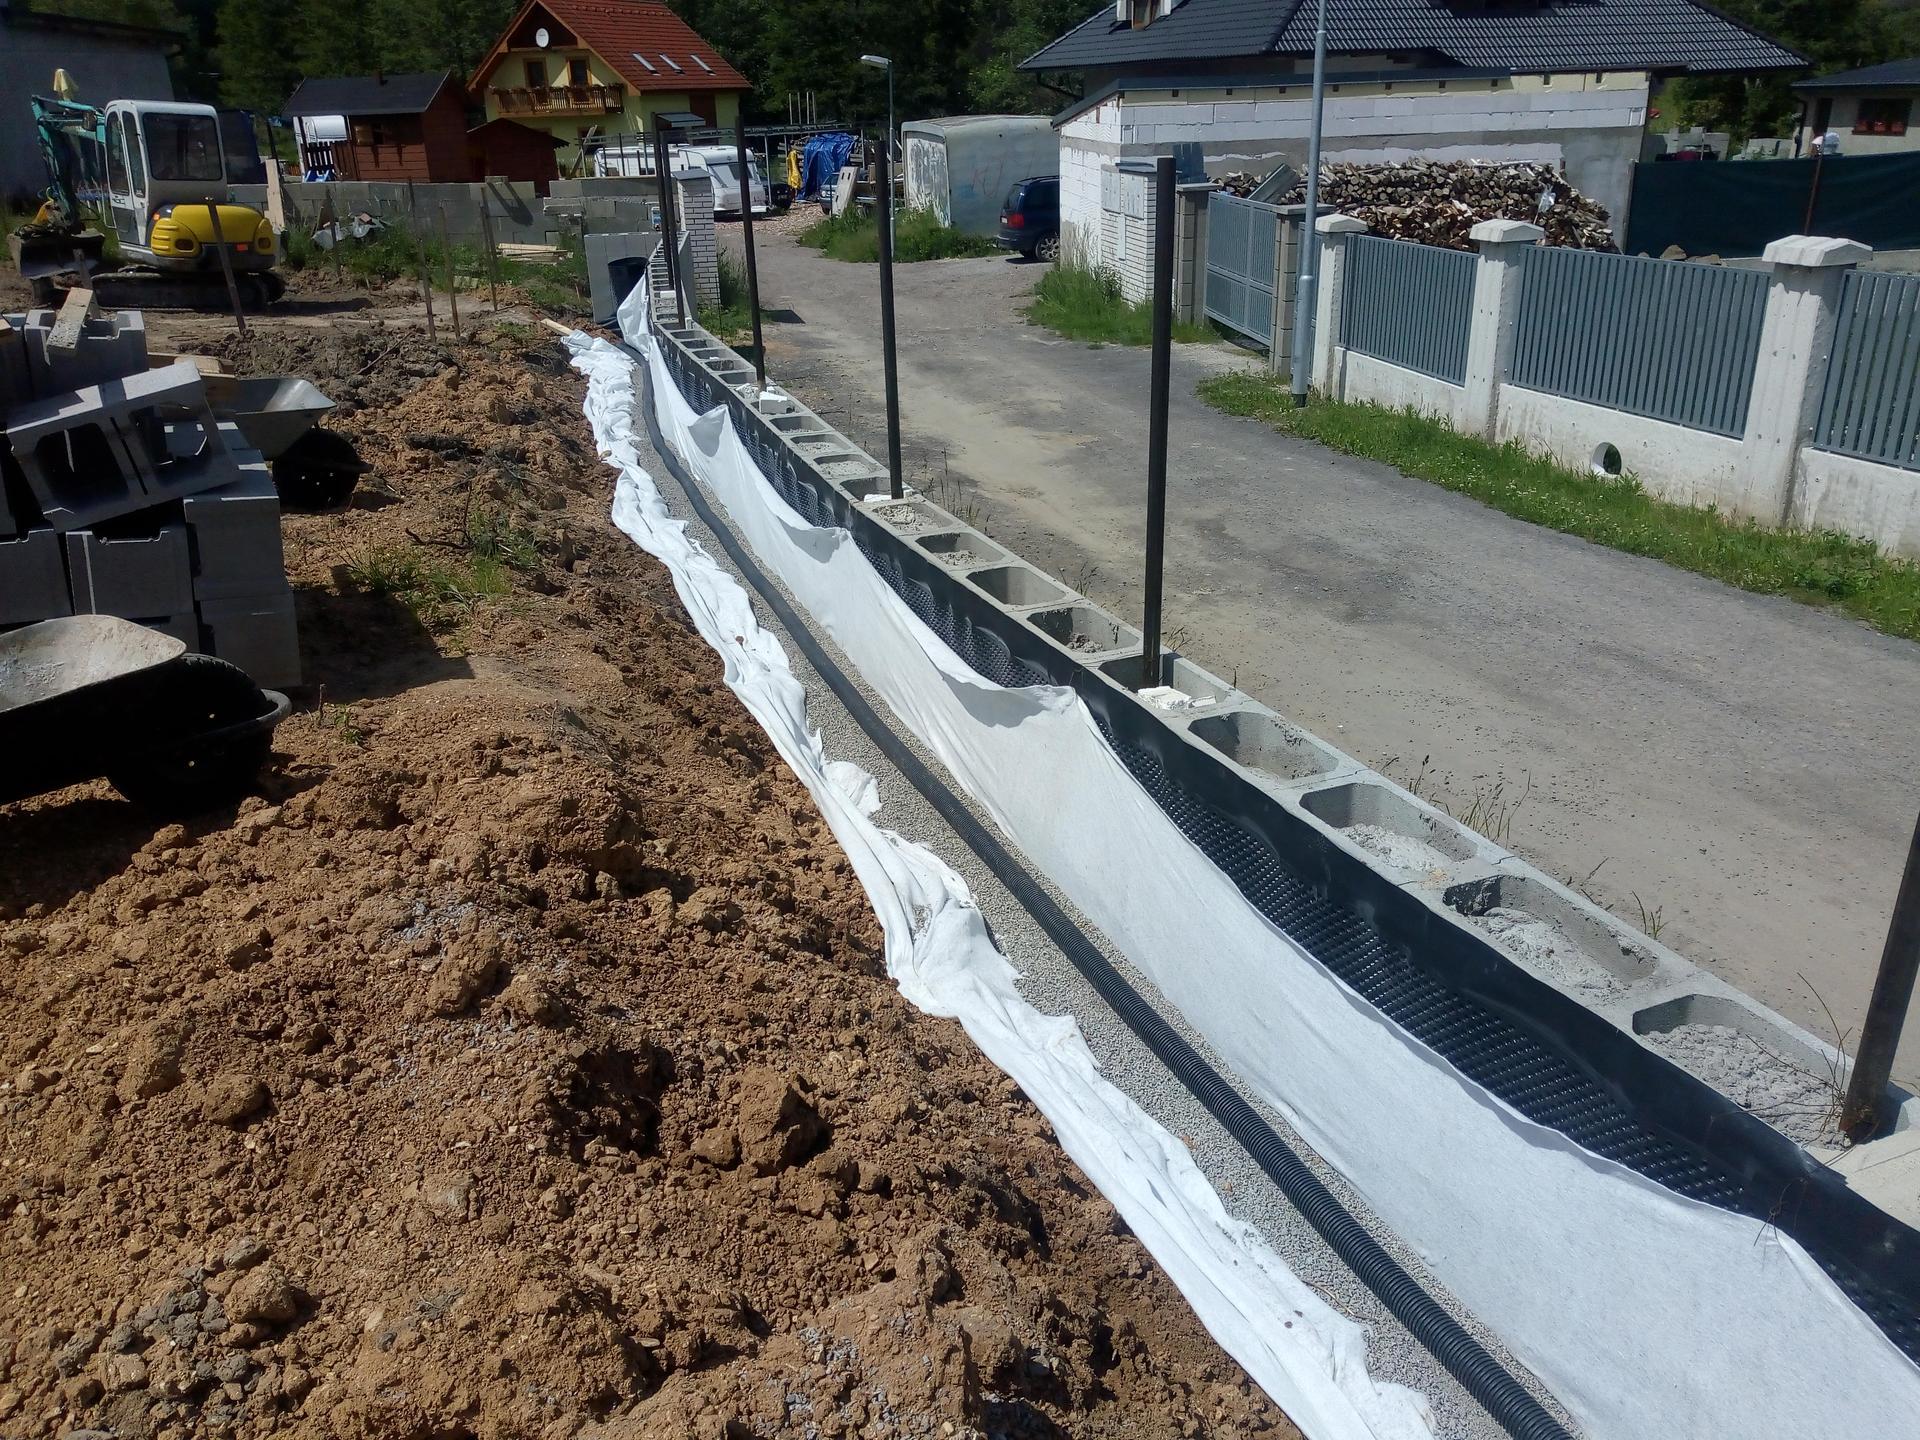 Příprava pozemku, bednění, základy, opěrka, bouda, plot - Obrázek č. 60